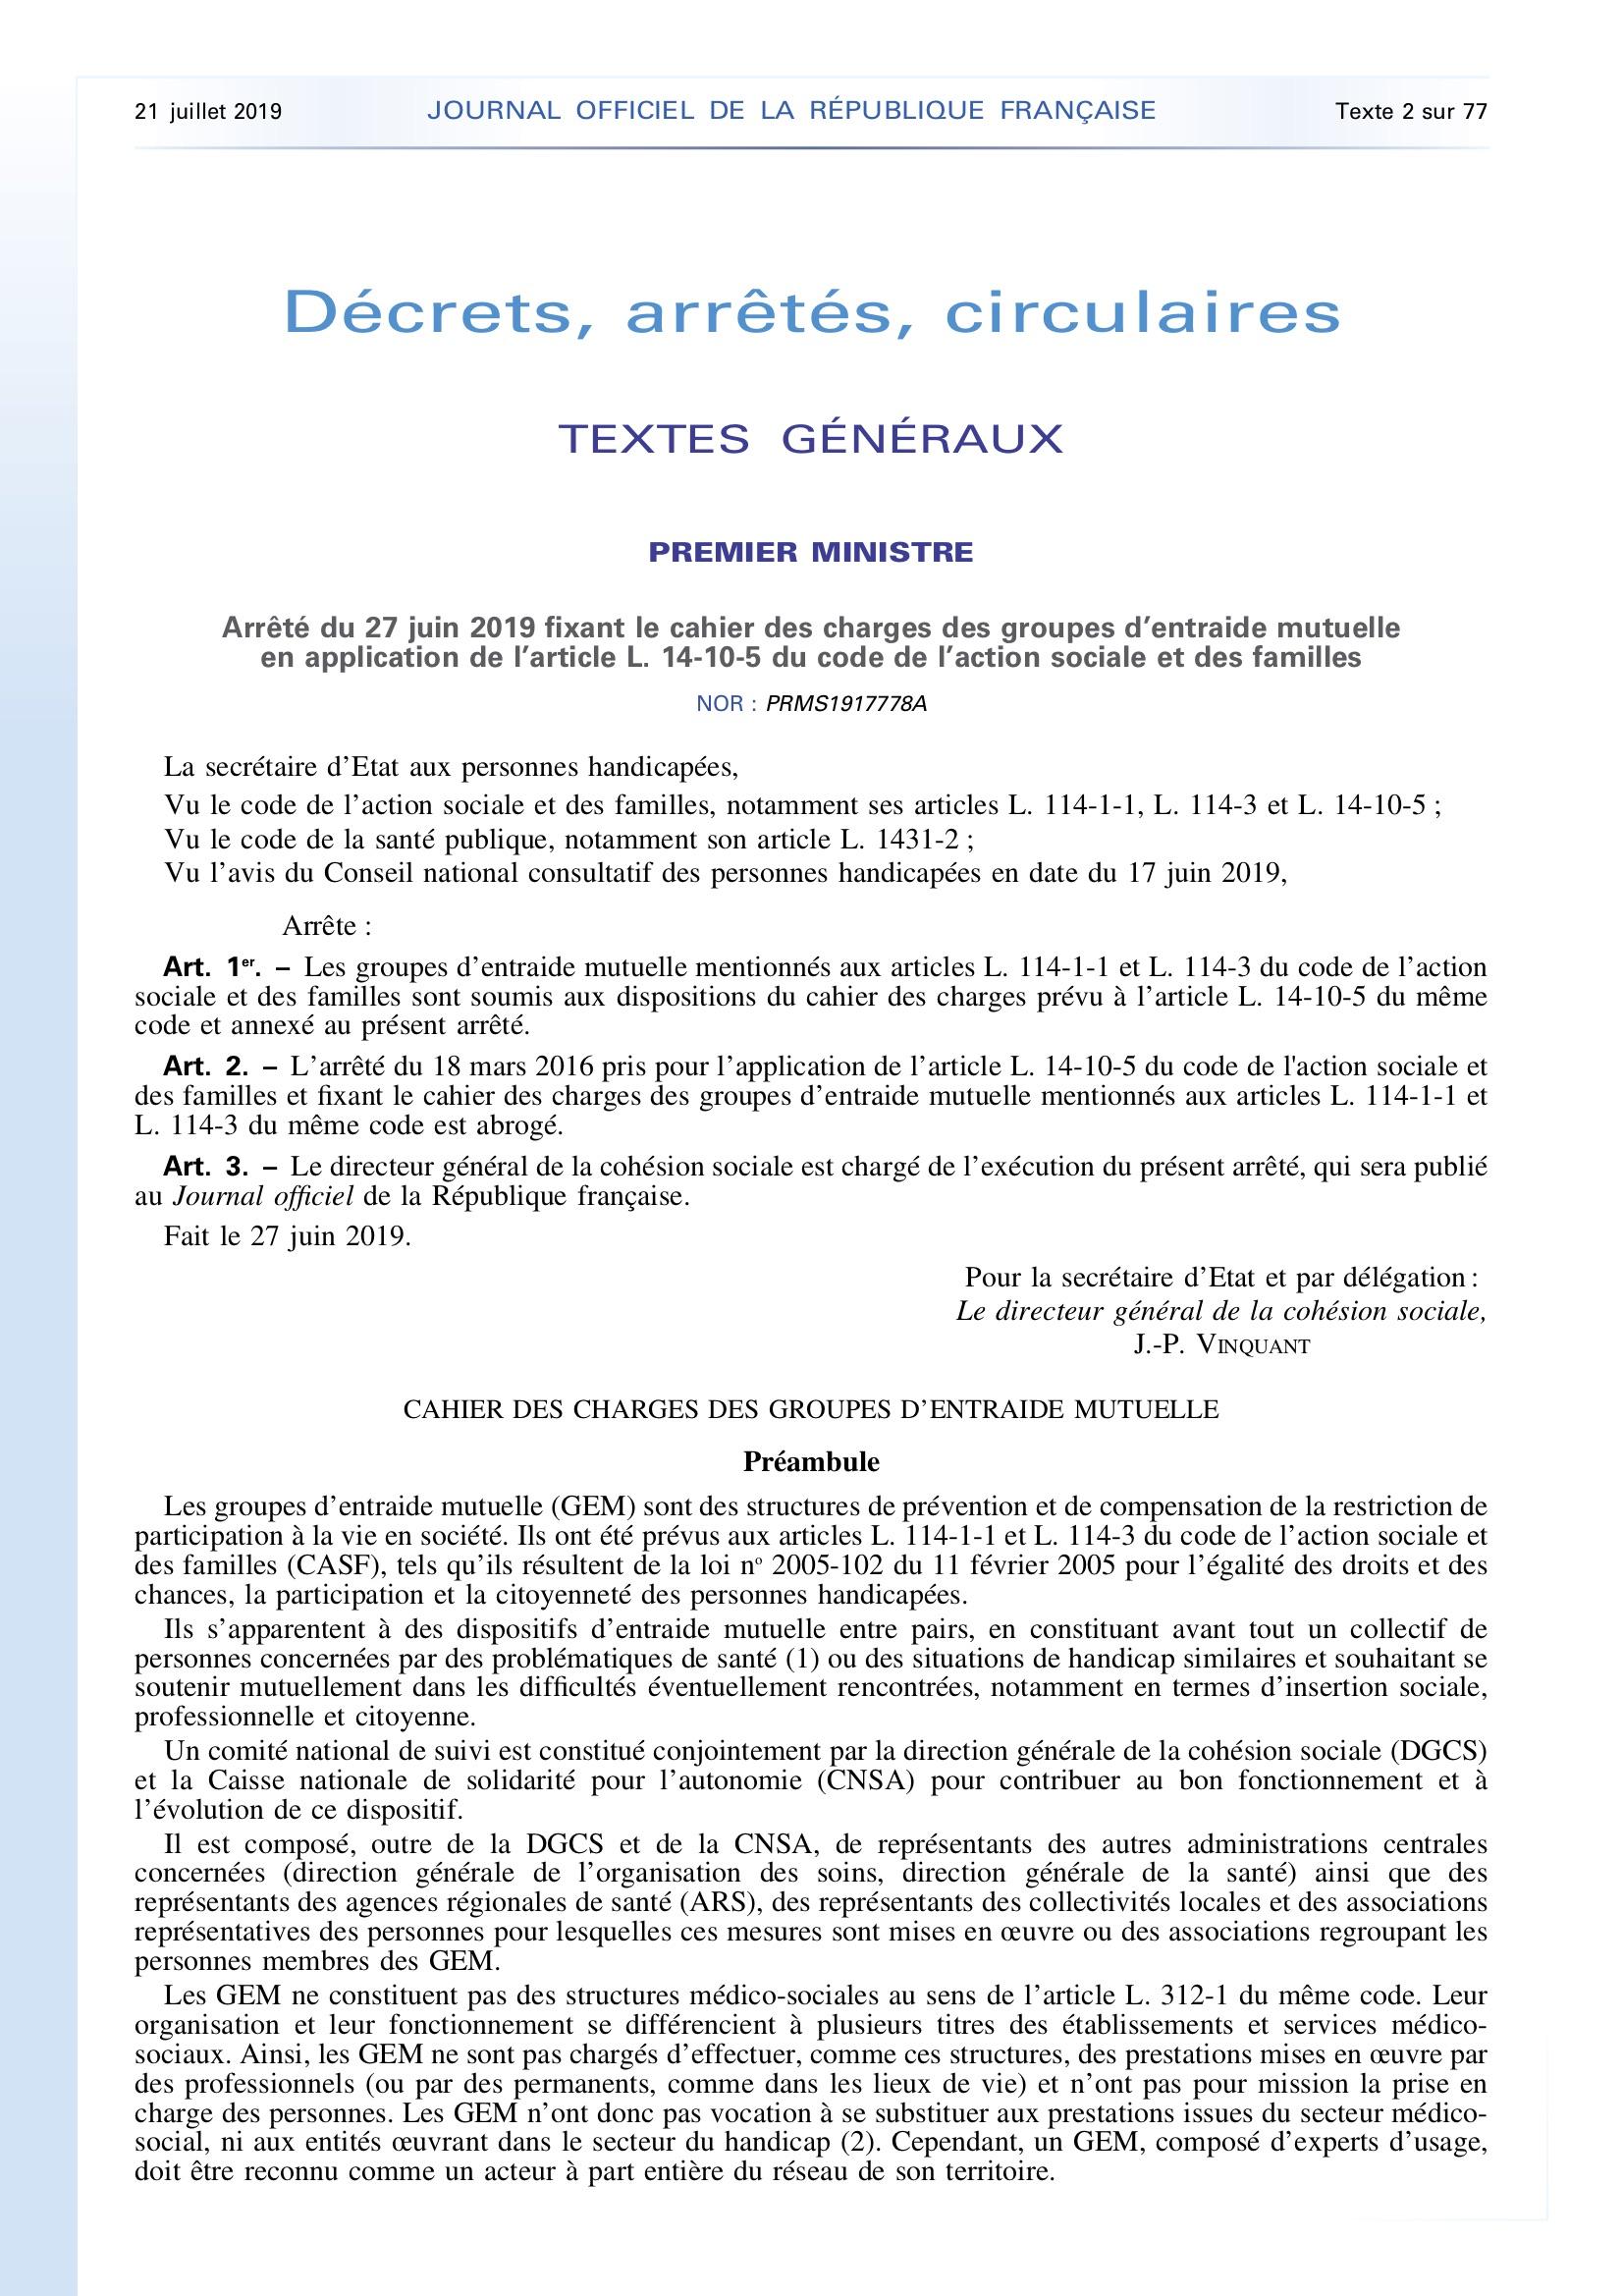 Le nouveau cahier des charges des Groupes d'Entraide Mutuelle (GEM) est paru au journal officiel du 21 juillet 2019